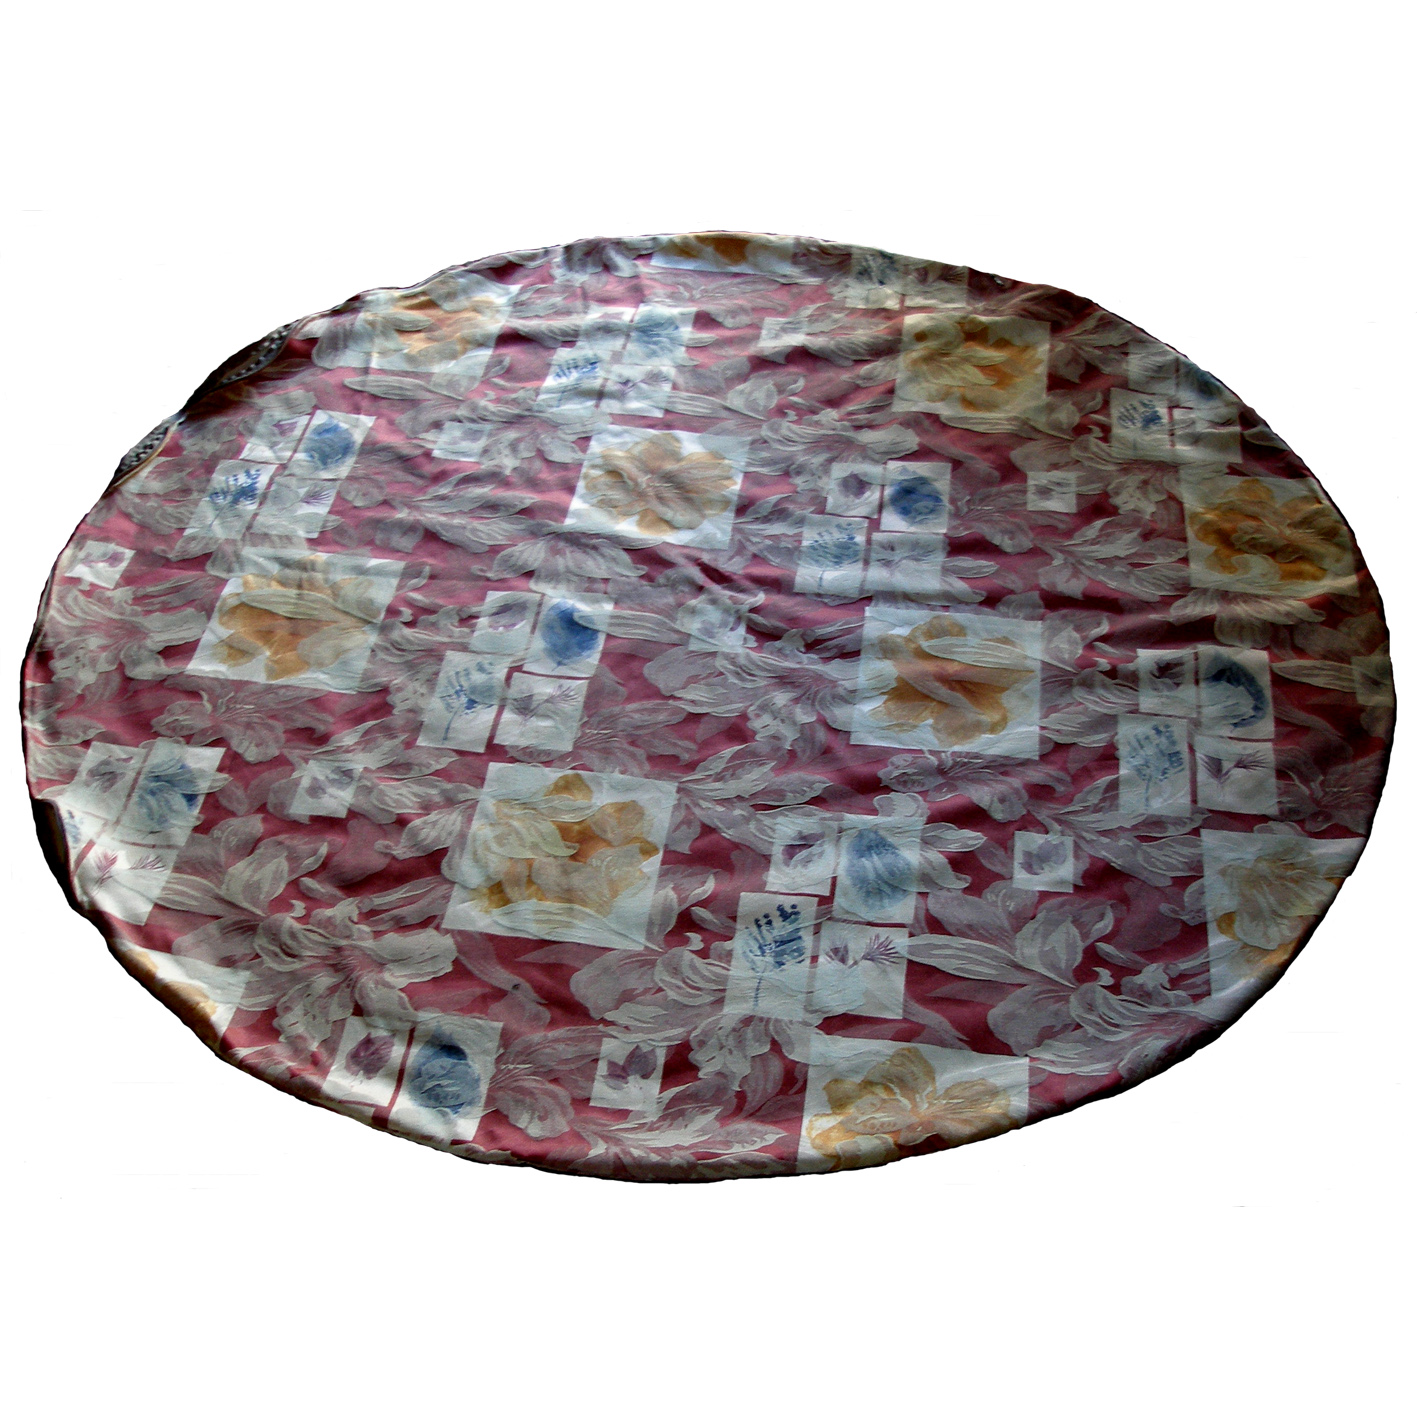 Papasan Chair Cushion COVER, PROMO Fabric